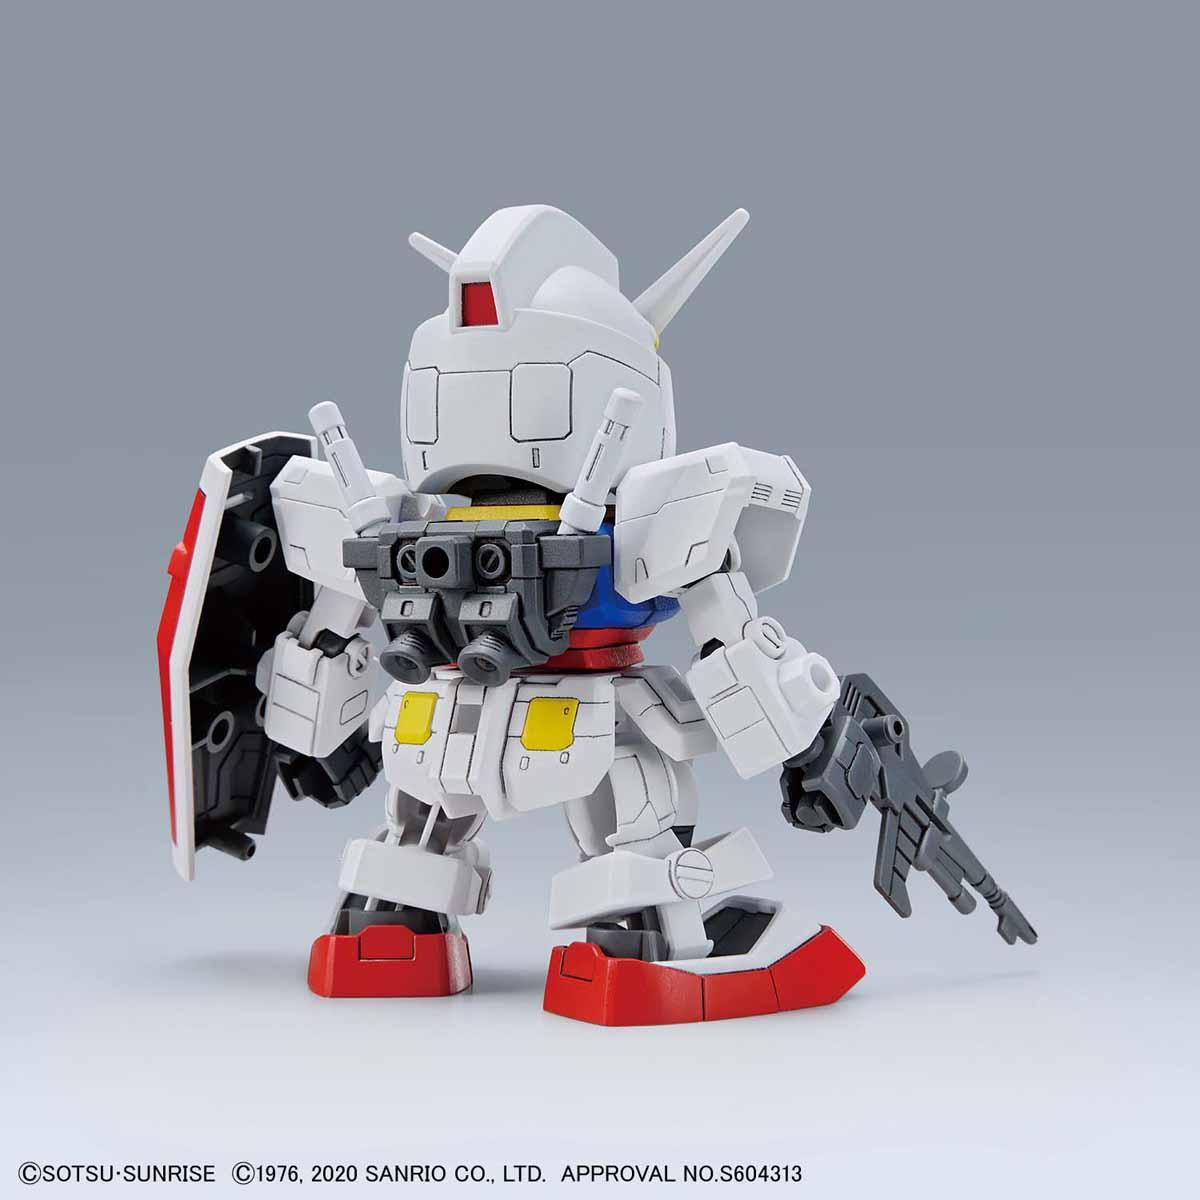 【再販】SDエクスタンダード『ハローキティ / RX-78-2 ガンダム[SD EX-STANDARD]』プラモデル-006